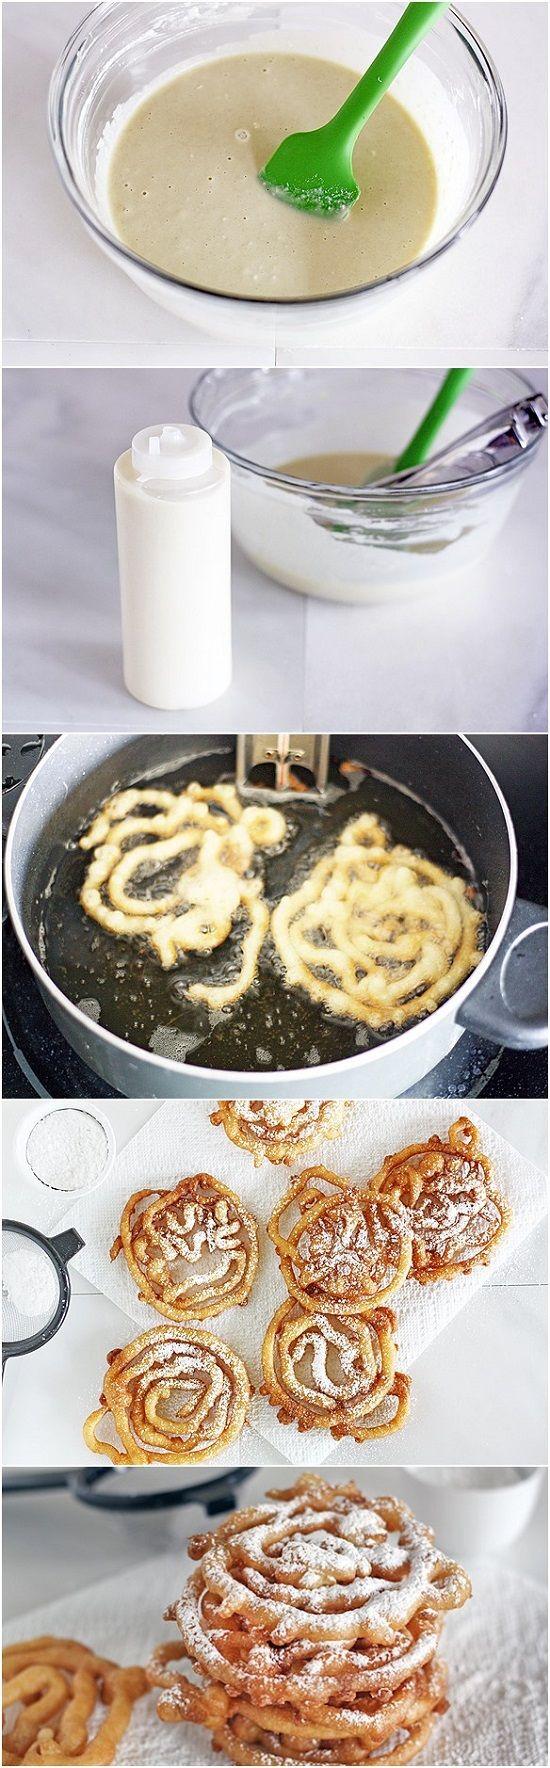 best funnel cakes images on pinterest desert recipes dessert